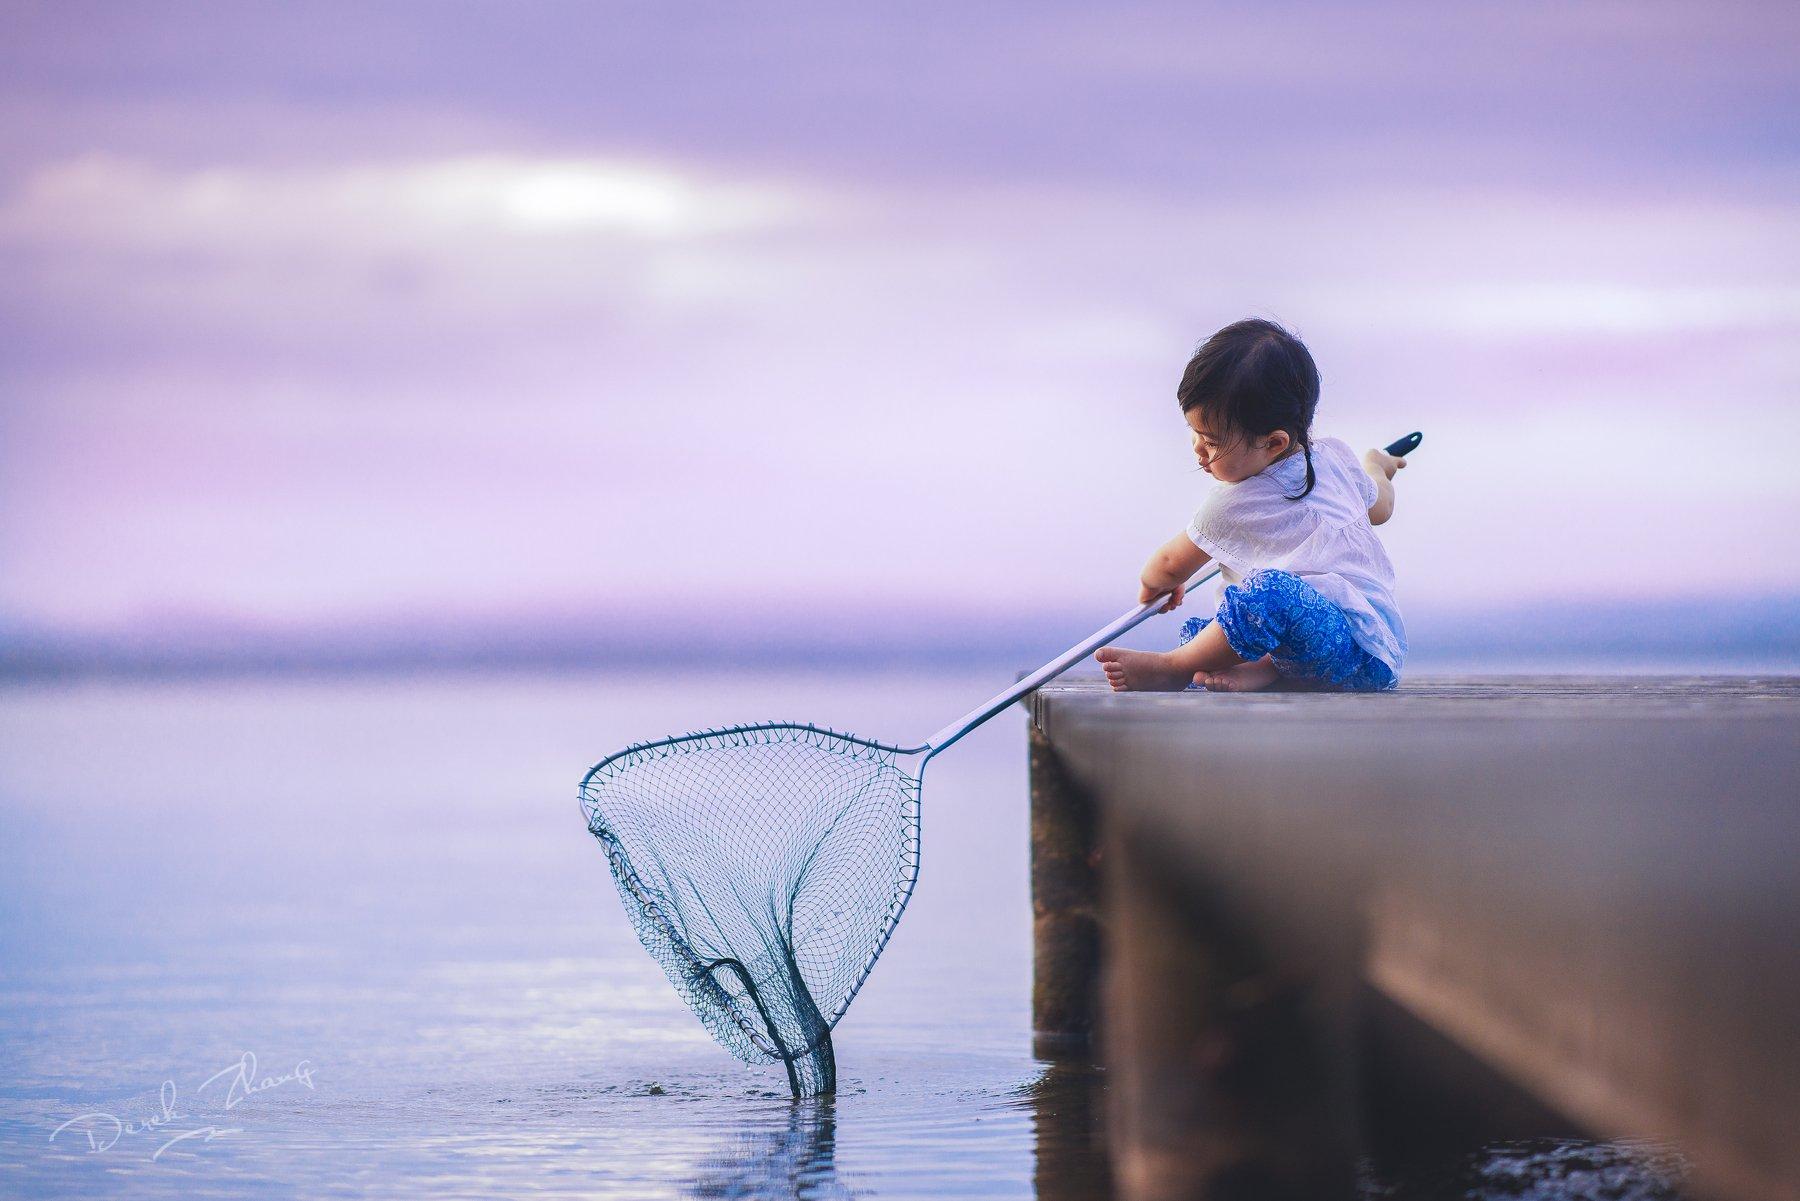 child, cute, sunset, lakeside, kid, moment, natural, light, Derek Zhang